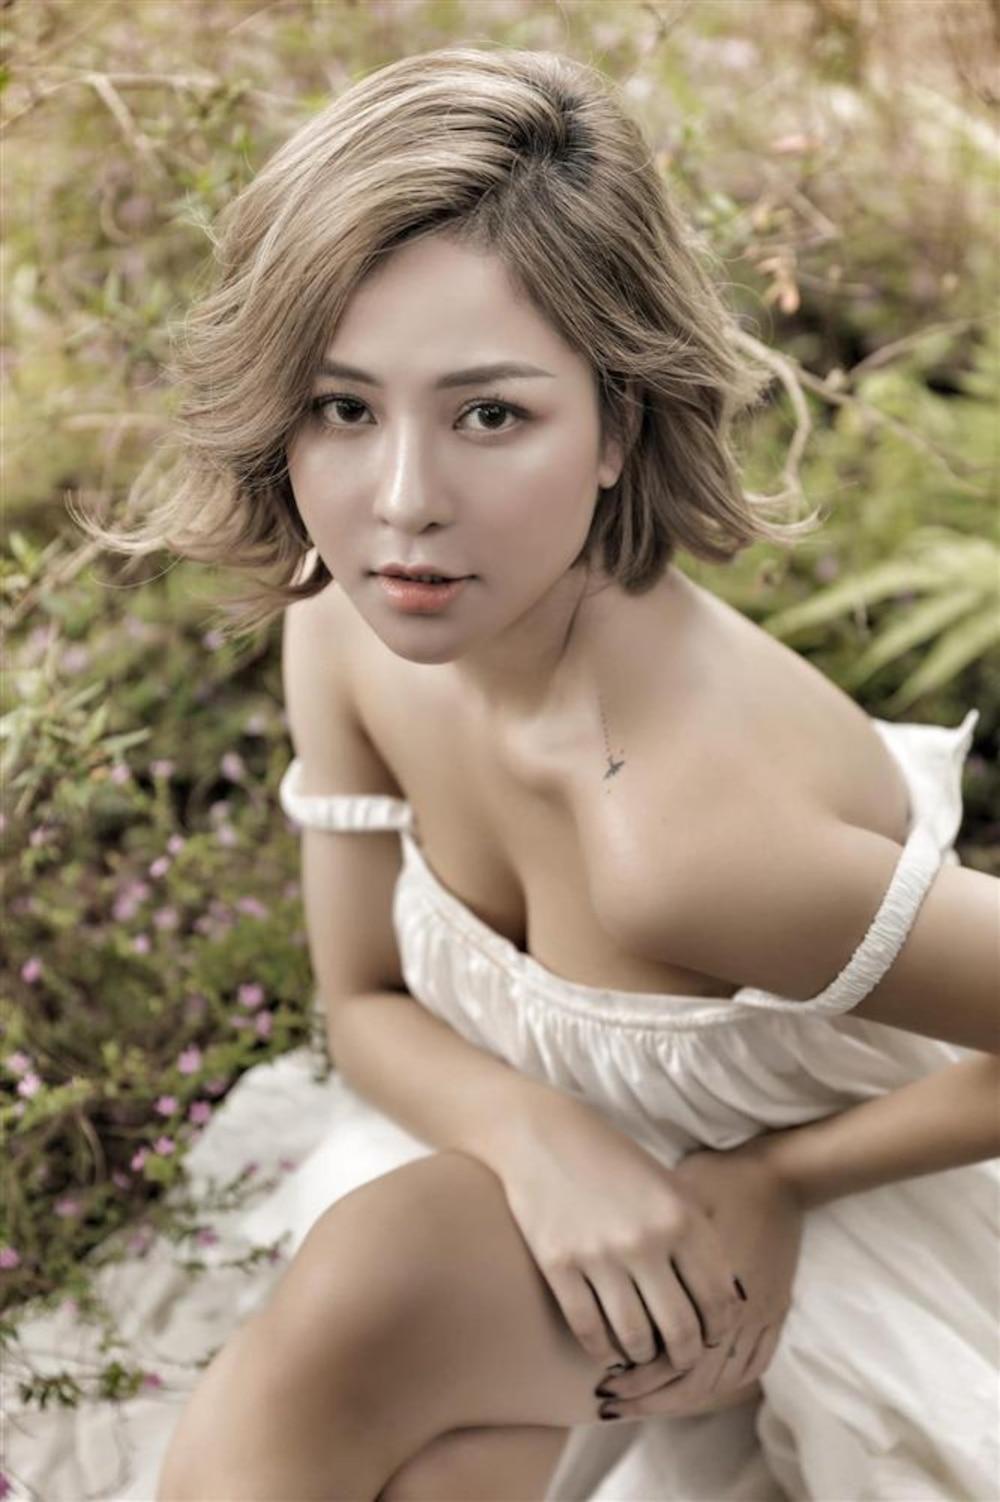 Nhắn tin than buồn, hotgirl Trâm Anh được bạn trai đại gia chuyển 100 triệu mua sắm giải khuây Ảnh 2